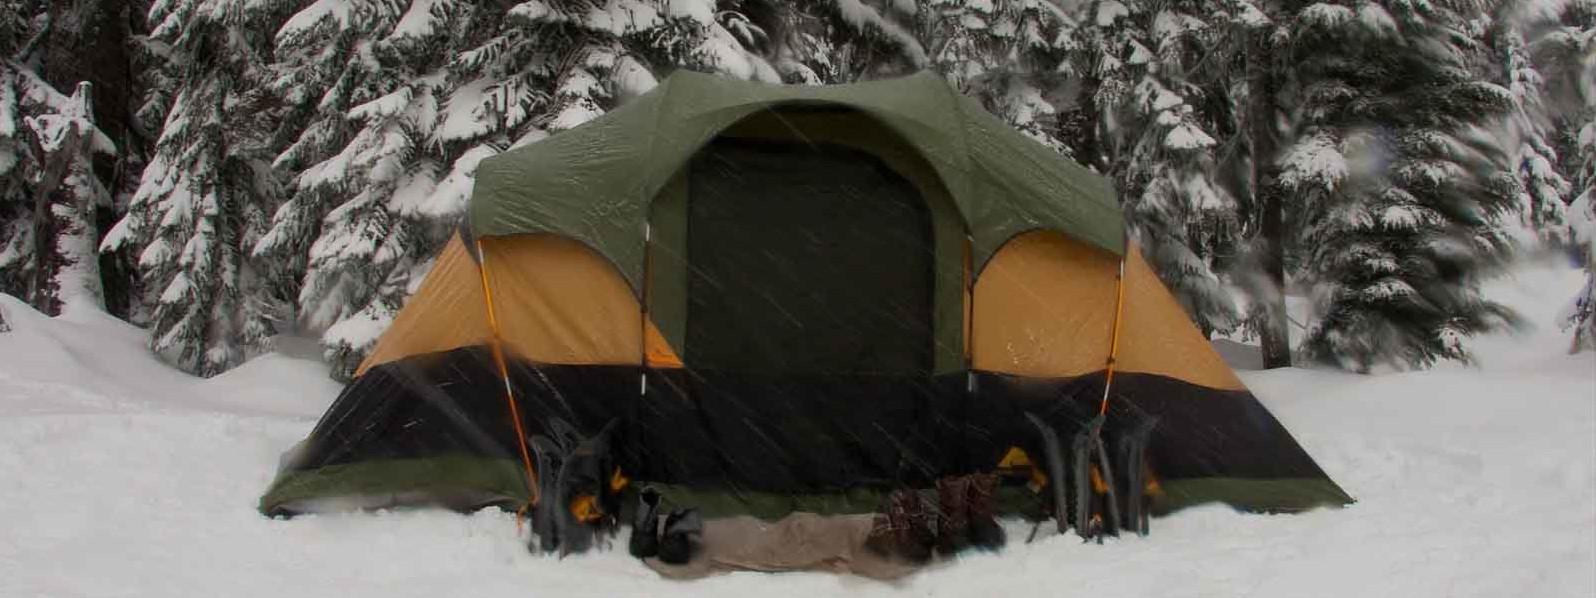 Zelten im Winter im Schnee